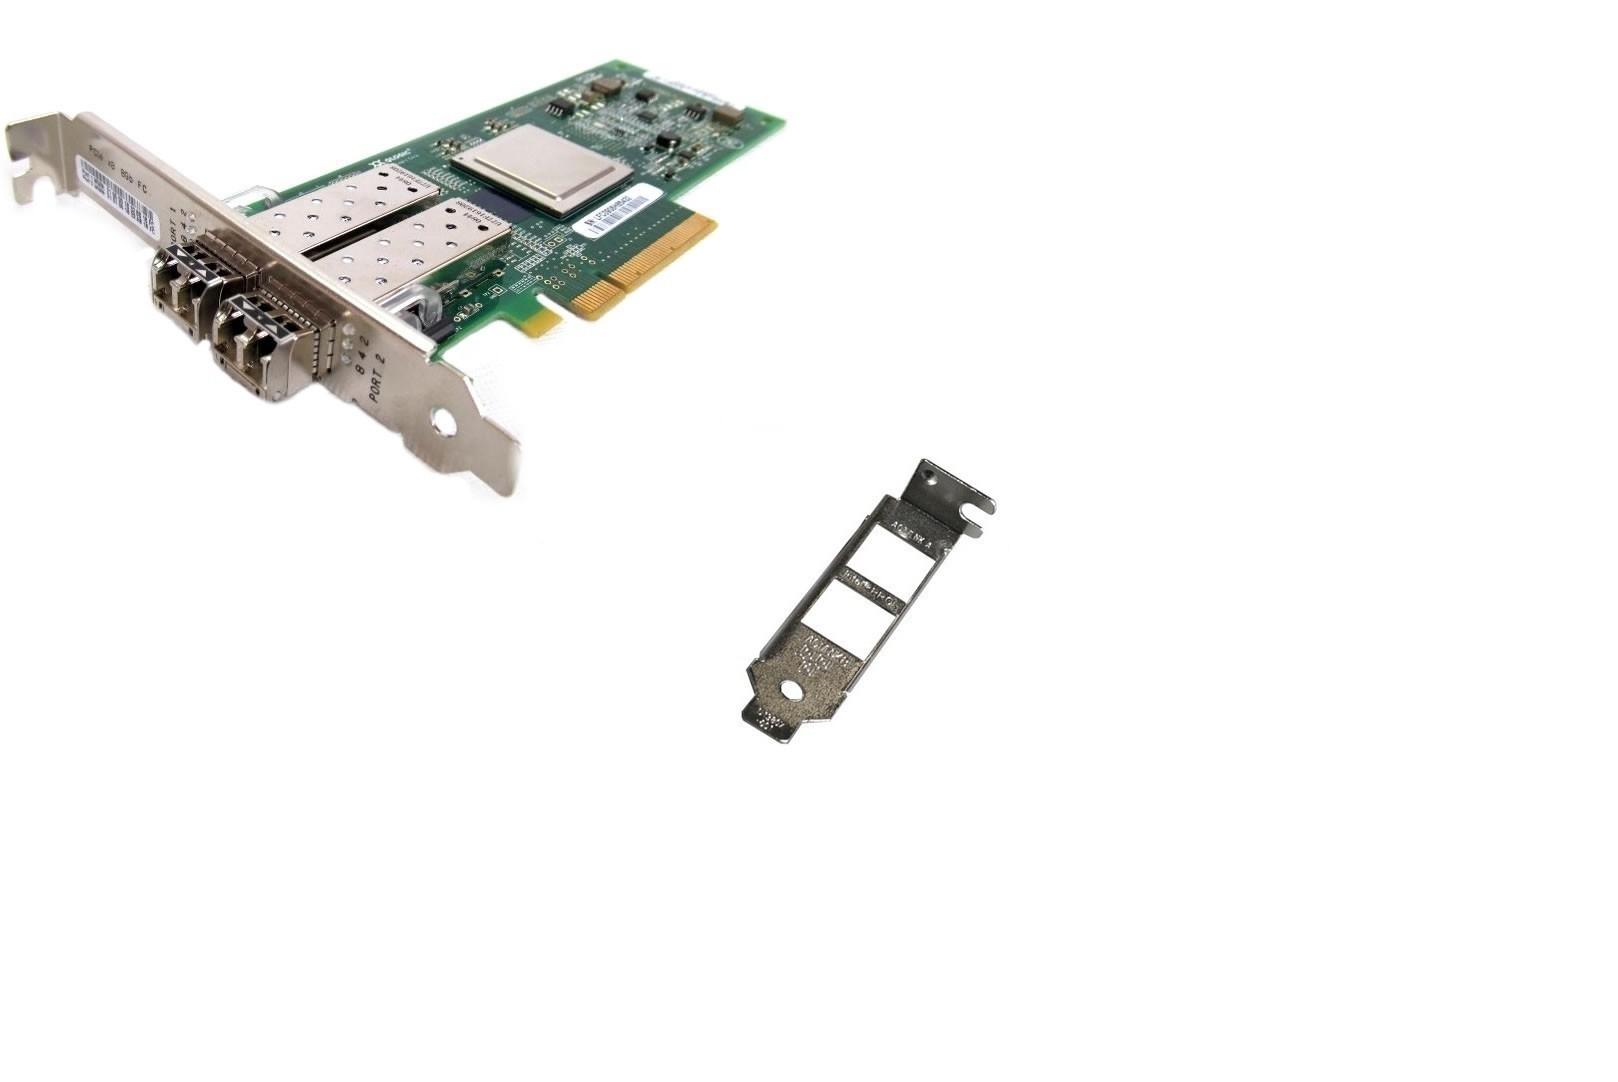 Dell 8GB Dual Port PCI-E Fibre Channel HBA PCI-E 332-0011